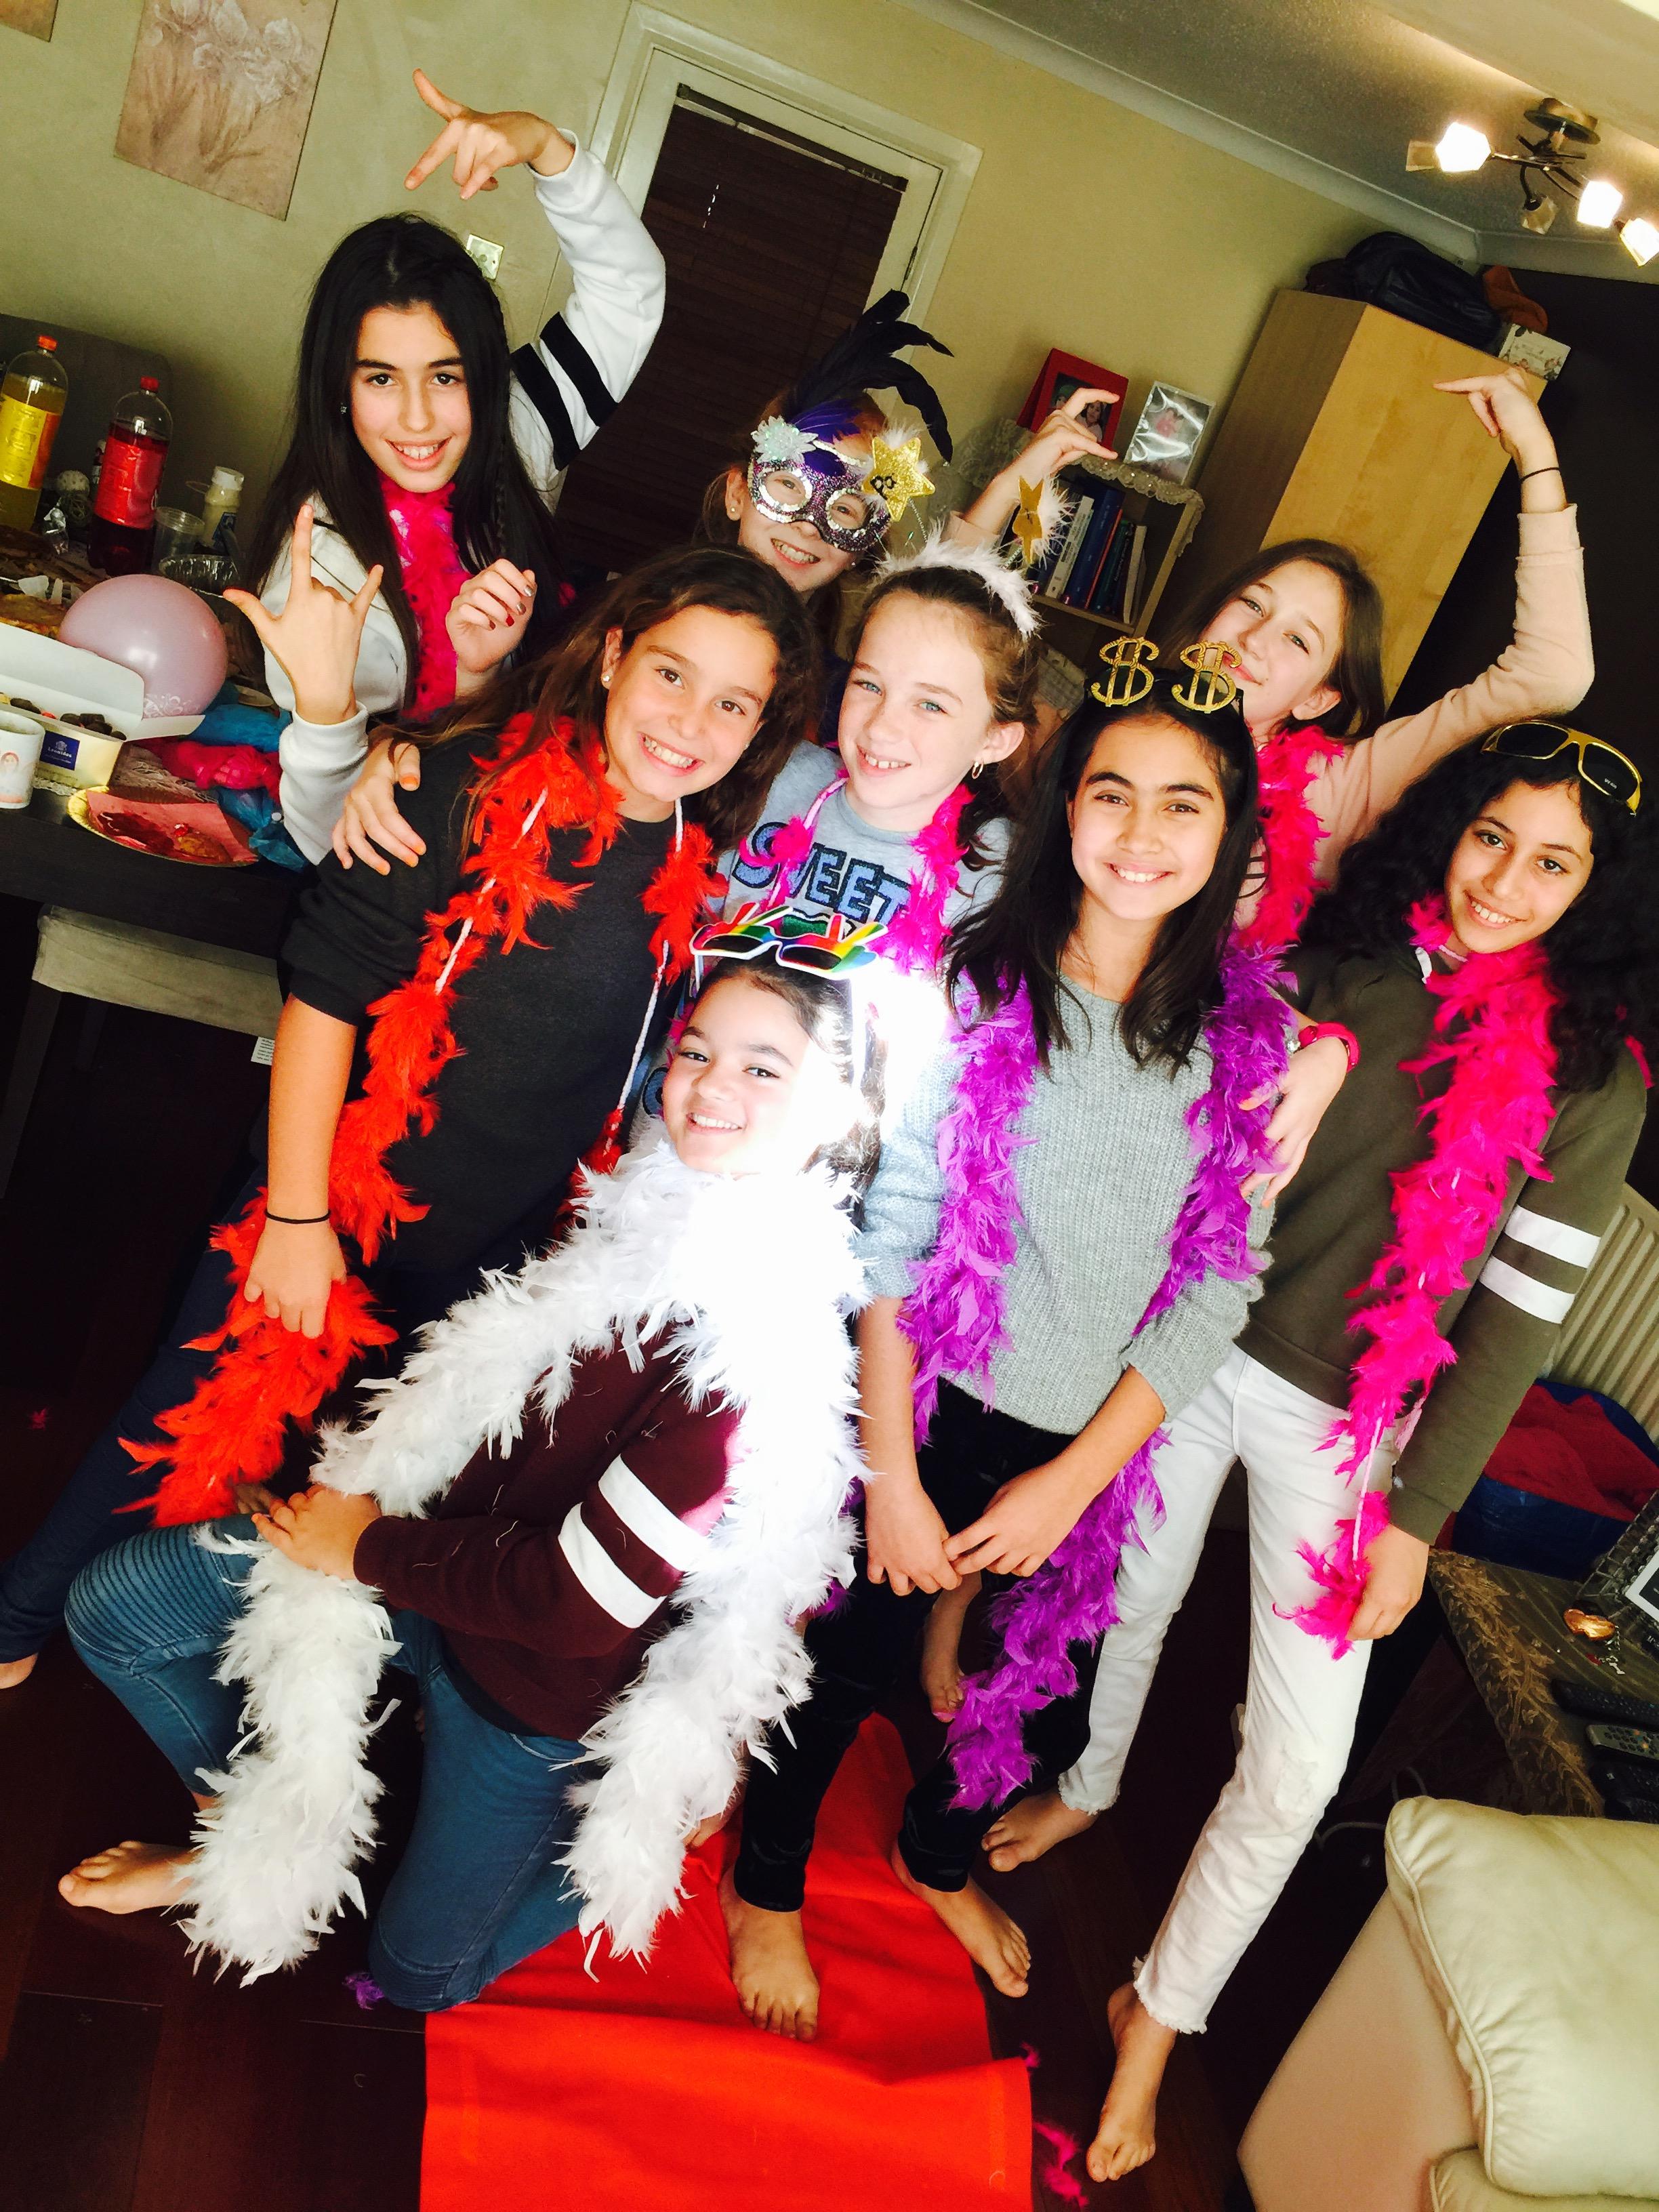 Teen Makeover Parties